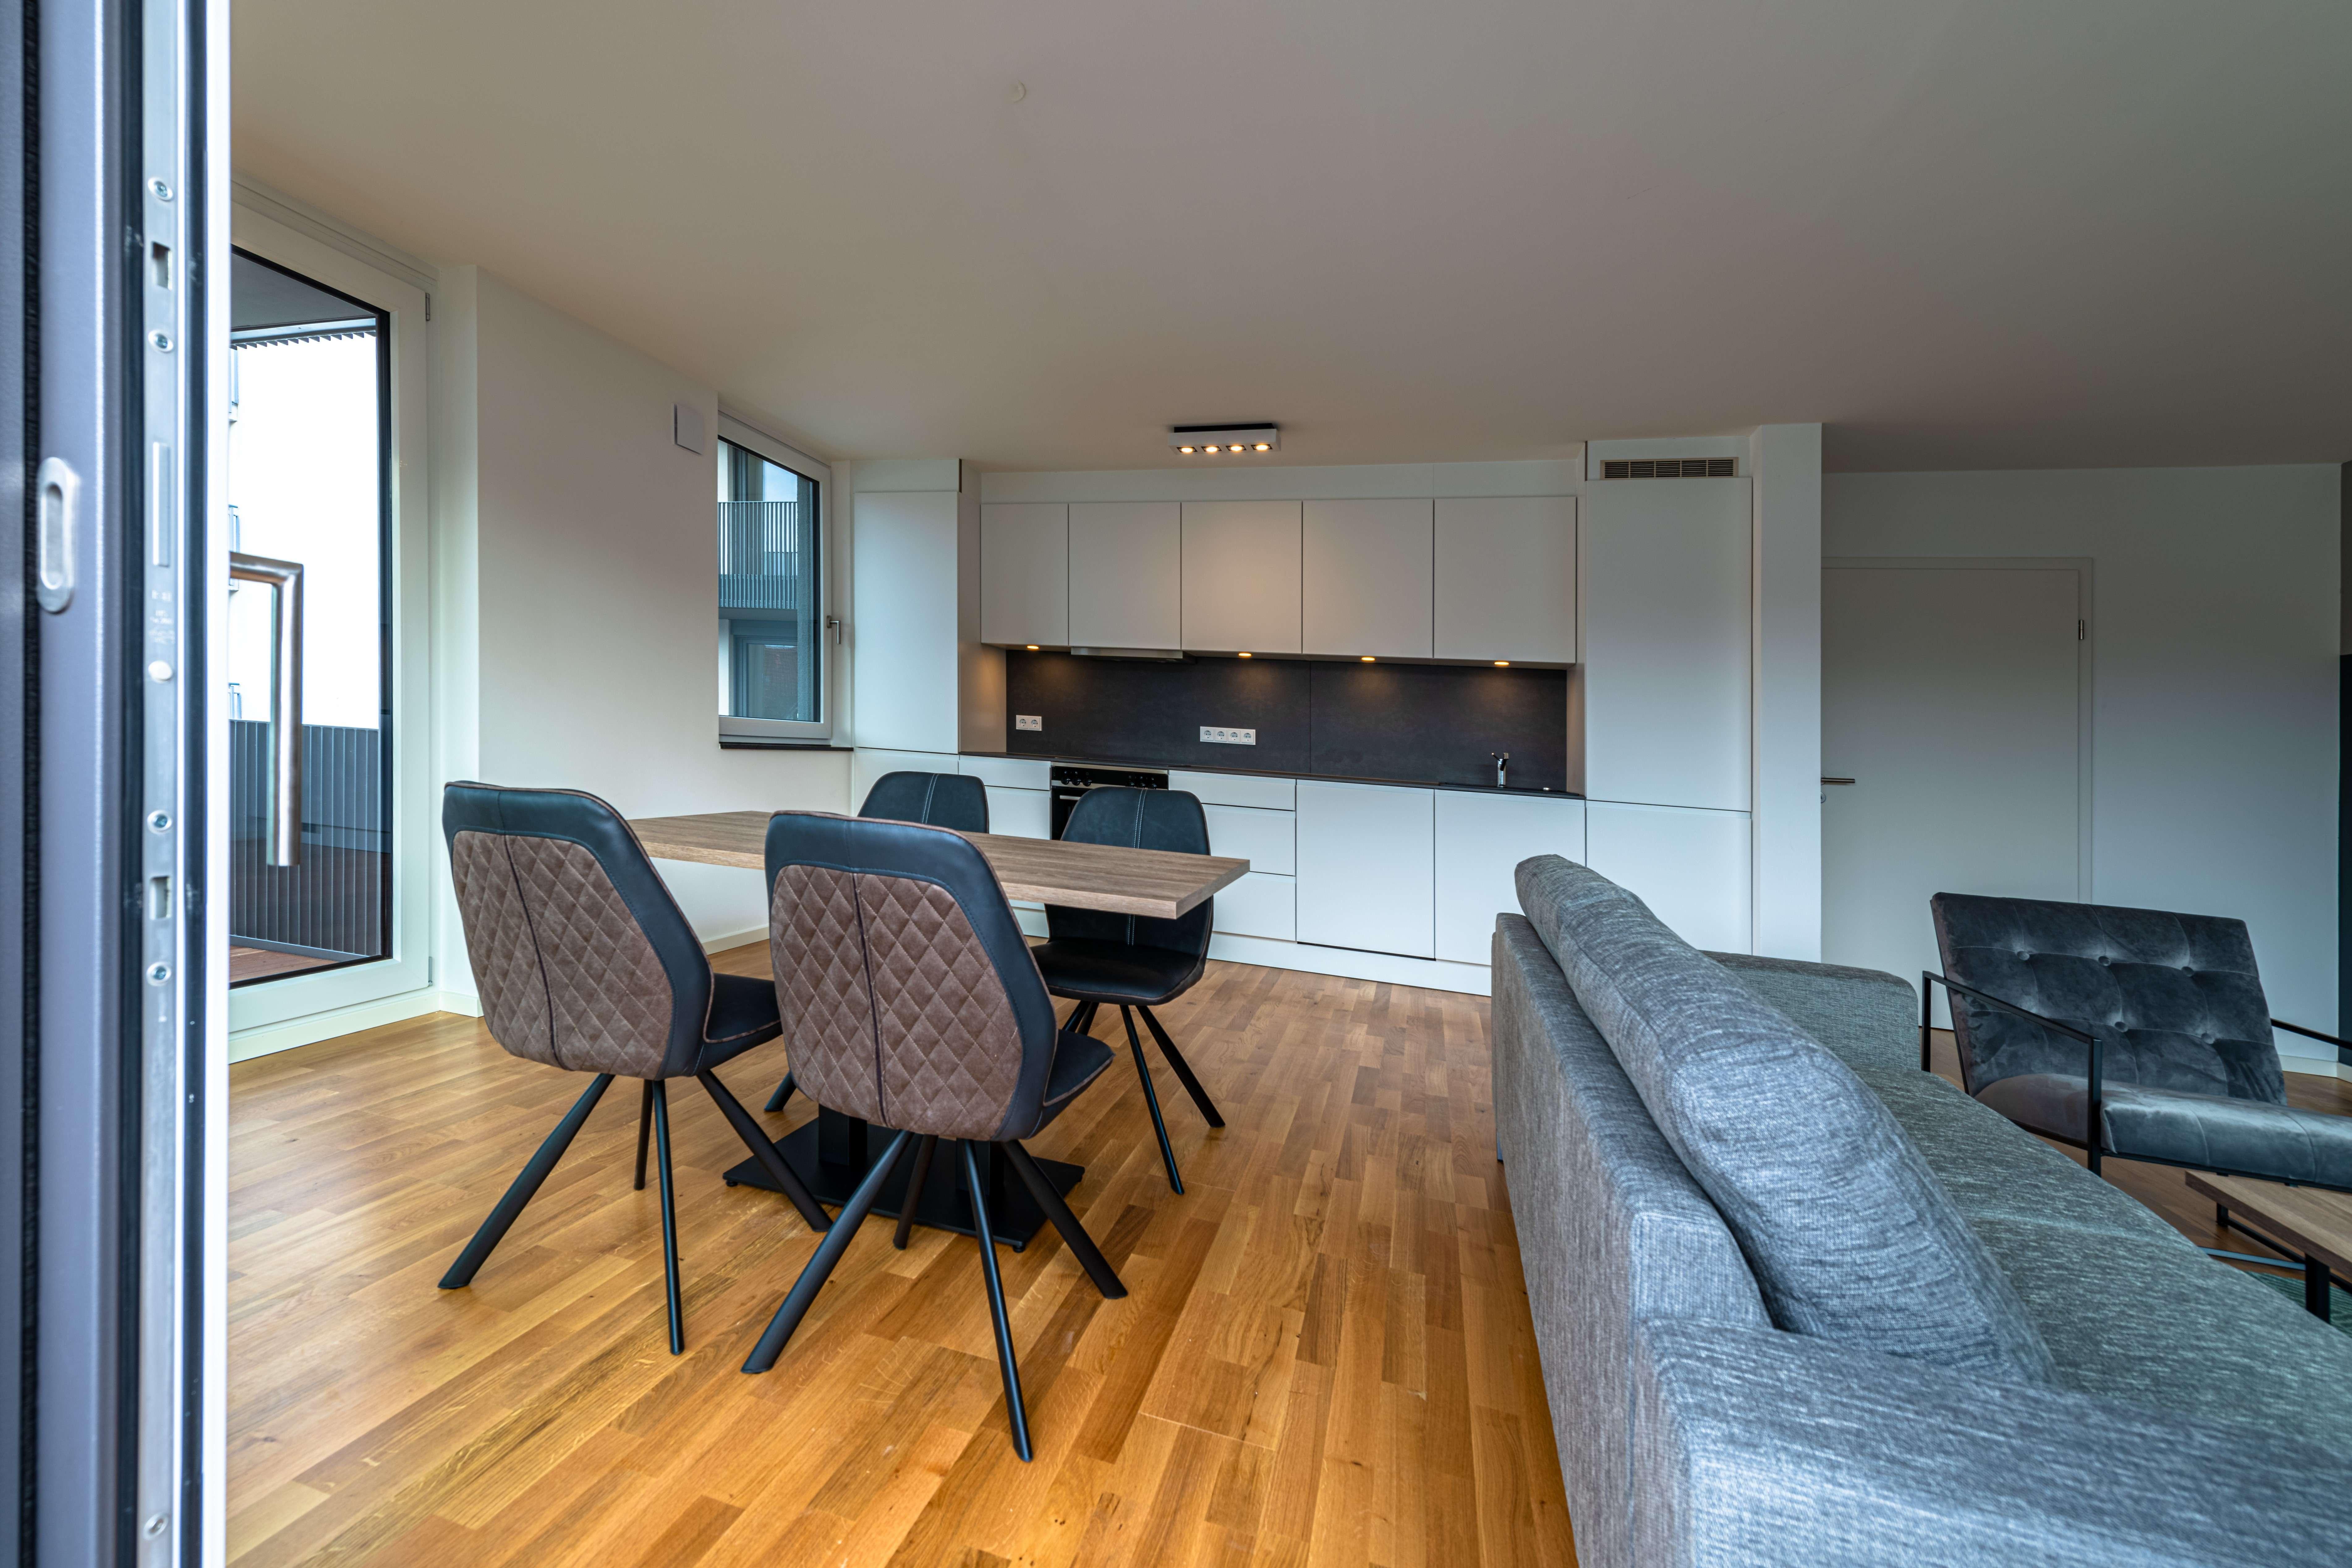 Wunderschöne helle Neubau 2-Zimmer -Wohnung möbliert in München-Neuhausen in Neuhausen (München)